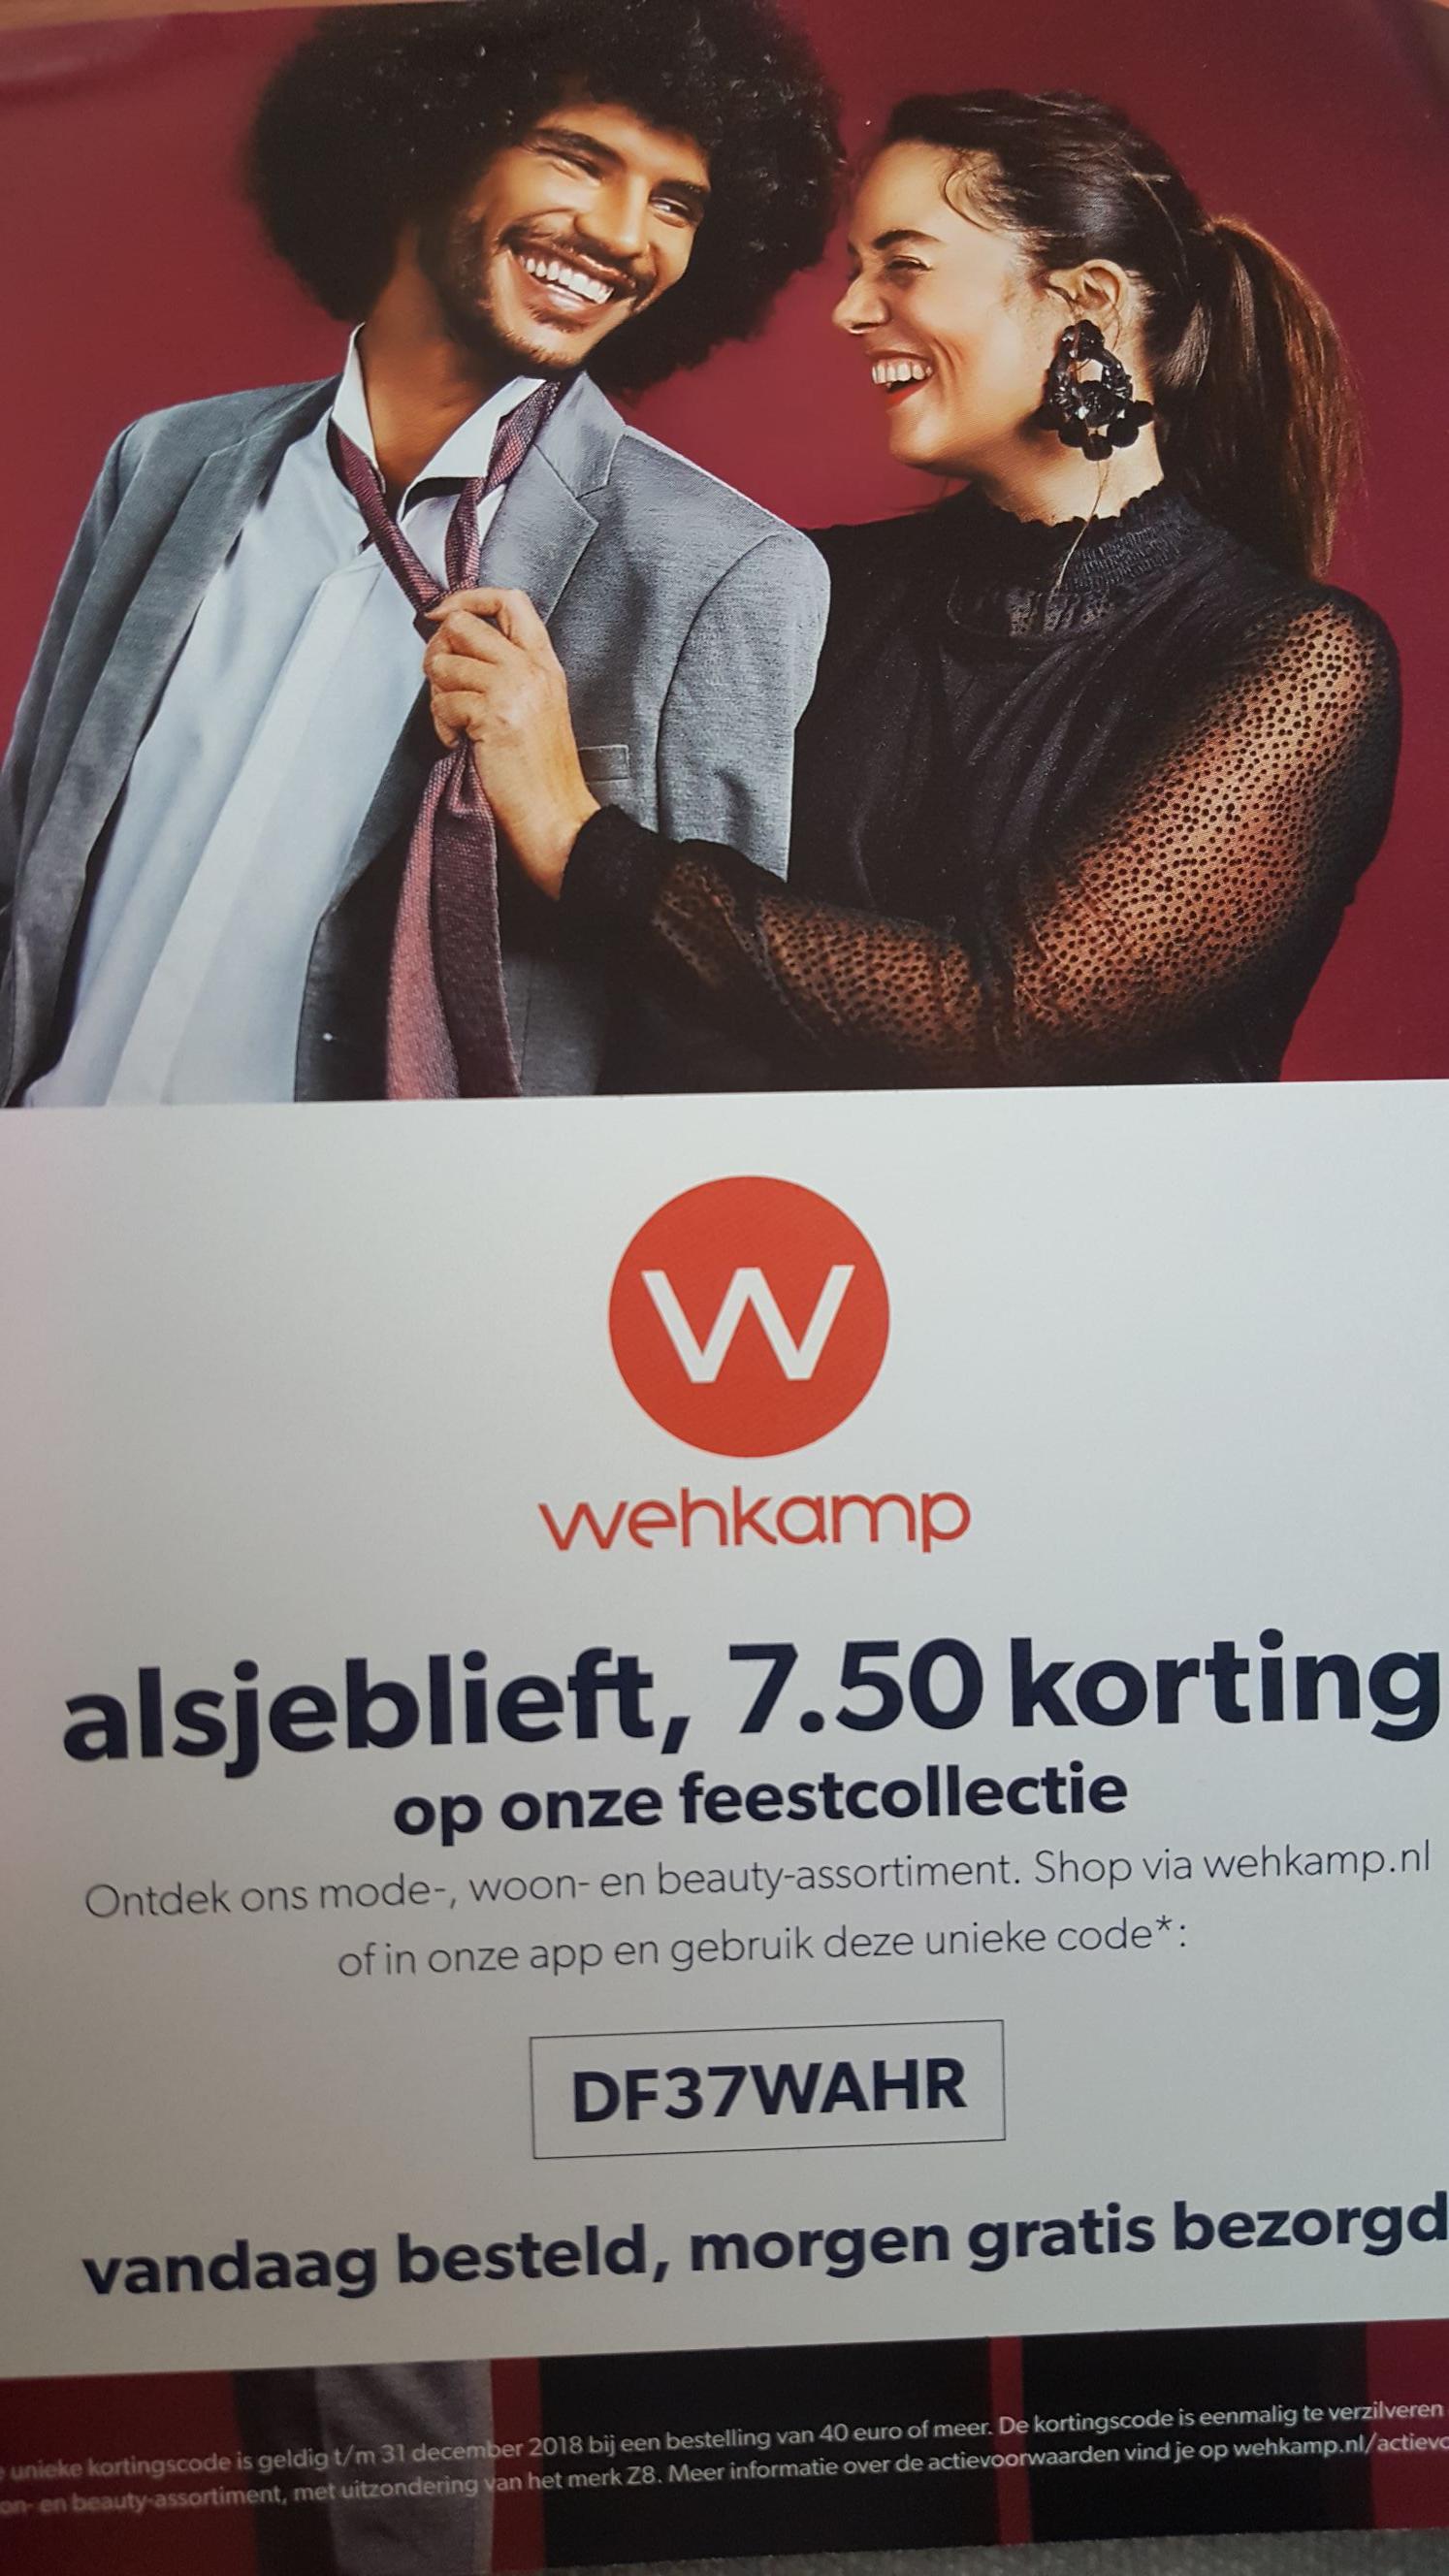 Kortingscode voor € 7,50 korting op het mode-, woon-, speelgoed, games en beauty-assortiment @ Wehkamp